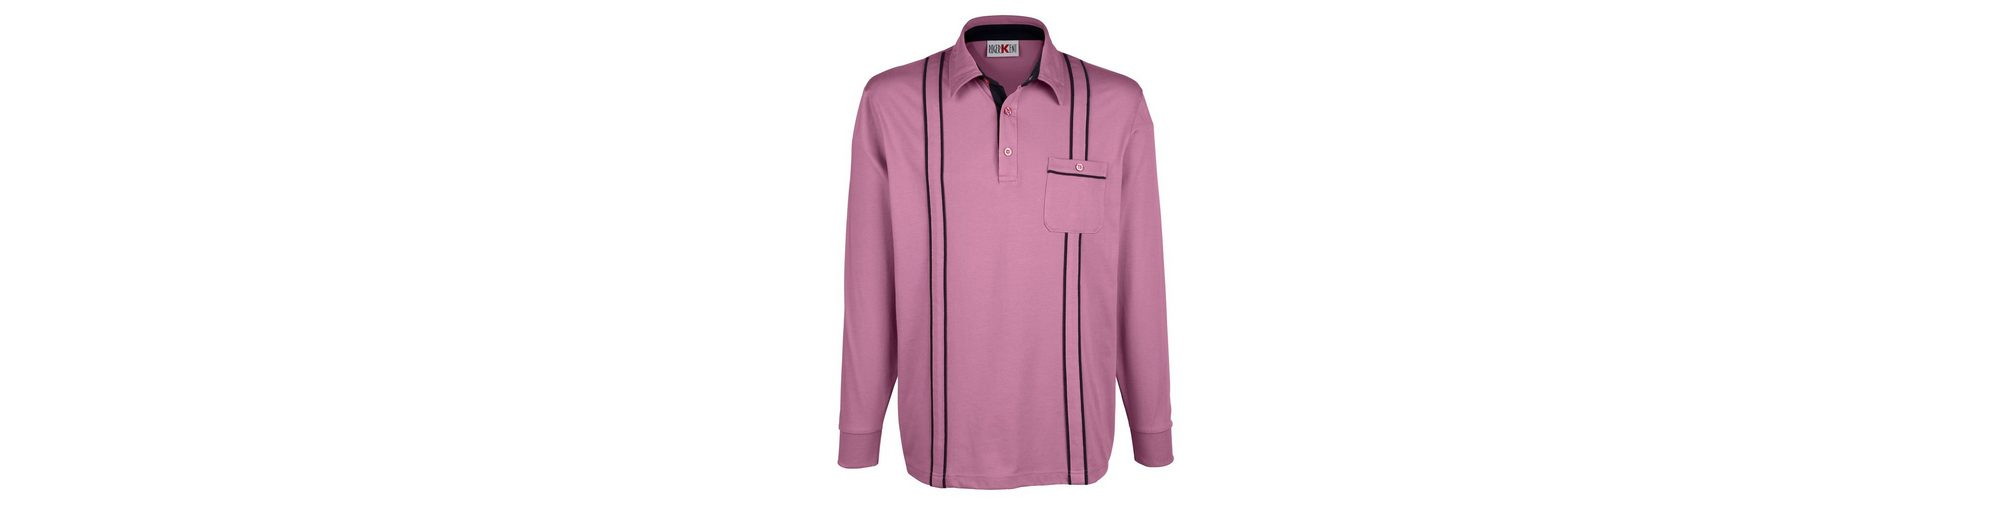 Sneakernews Zum Verkauf Die Billigsten Roger Kent Poloshirt in bügelleichter Qualität Reduzierter Preis Günstig Kaufen 100% Authentisch Manchester Großer Verkauf Günstig Online hzhlxr